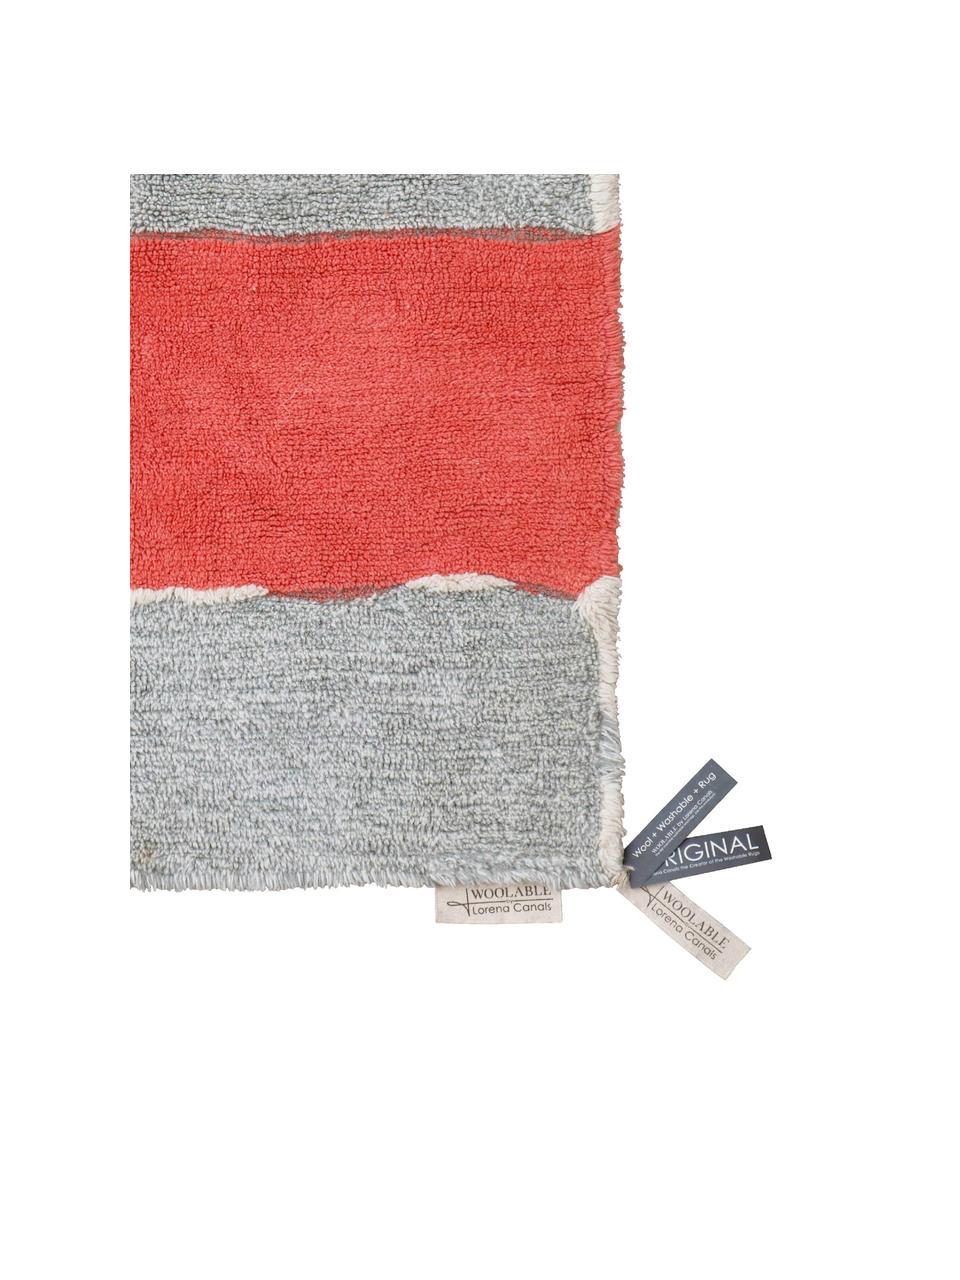 Waschbarer Wollteppich Woolable Abstra mit buntem Muster, Flor: 100% Wolle, Mehrfarbig, B 170 x L 240 cm (Größe M)